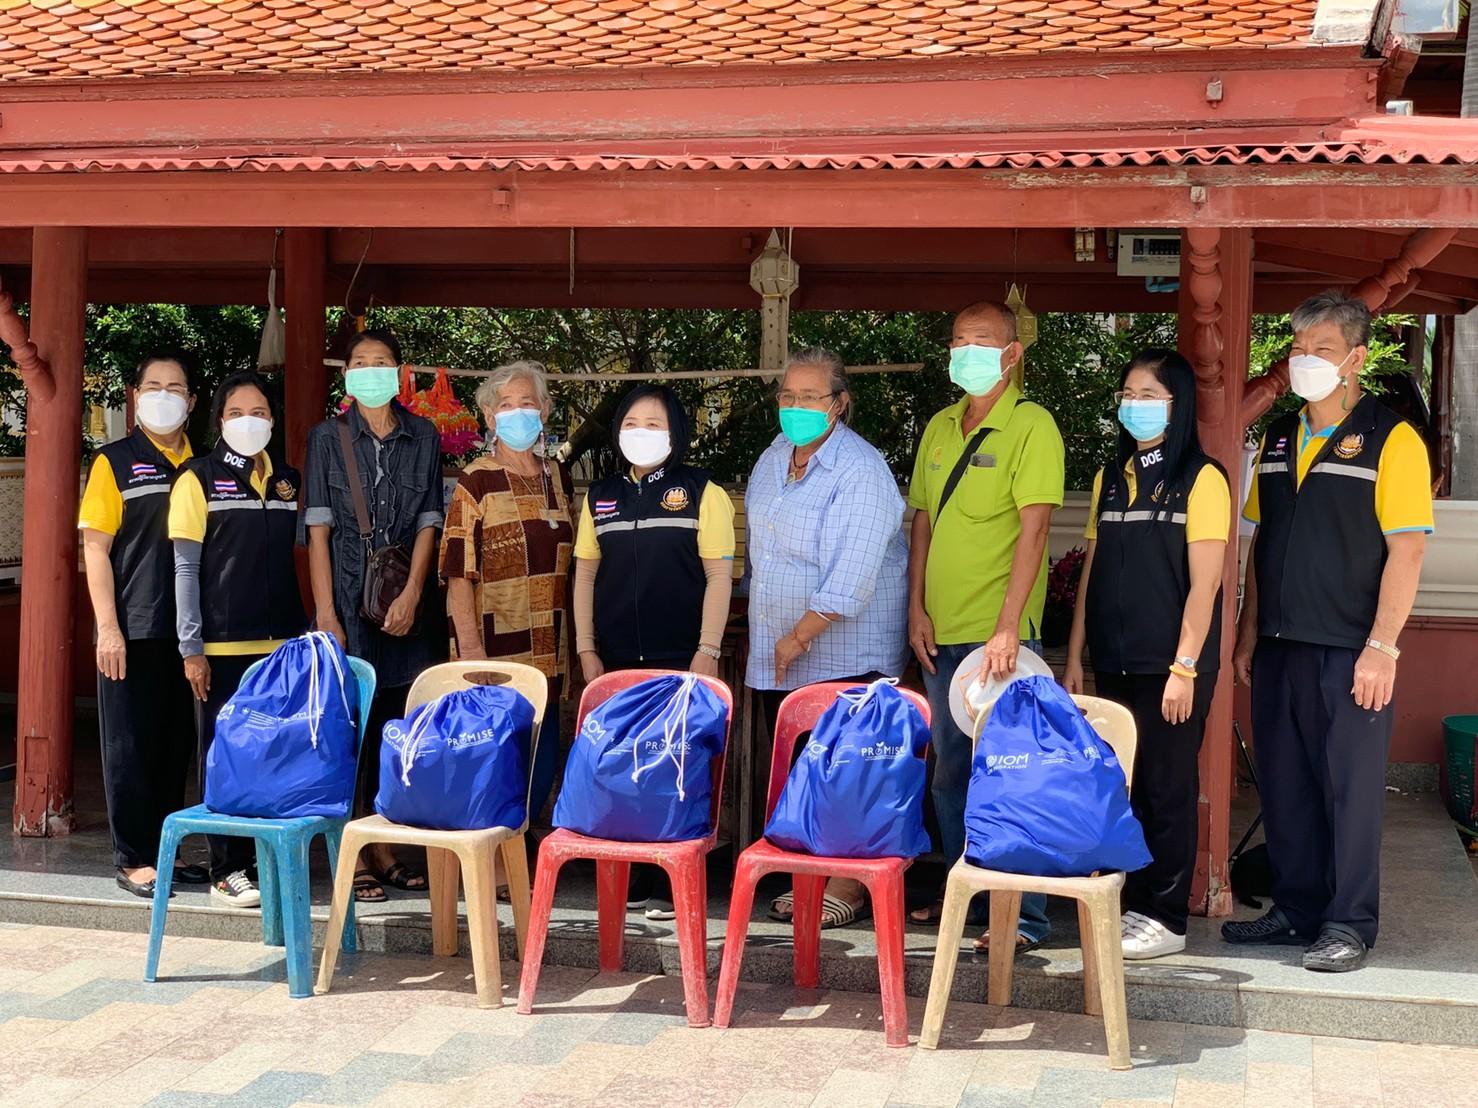 จัดหางานจังหวัดนครปฐม มอบถุงยังชีพกลุ่มผู้รับงานไปทำที่บ้าน